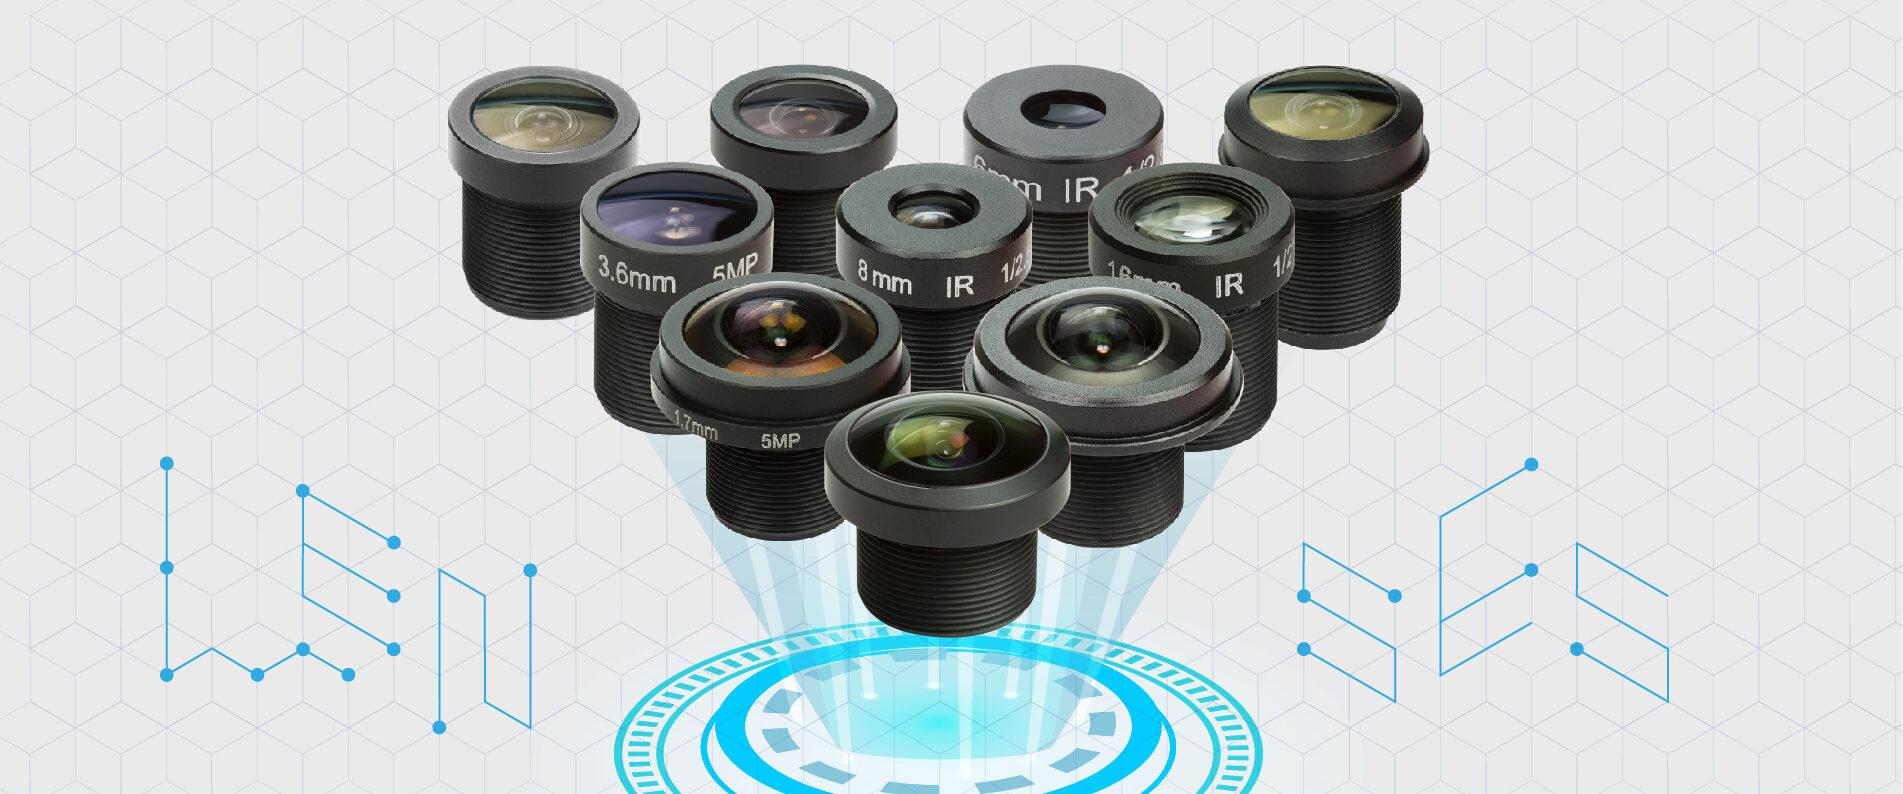 arducam-board-camera-lens-banner-slider-home-1